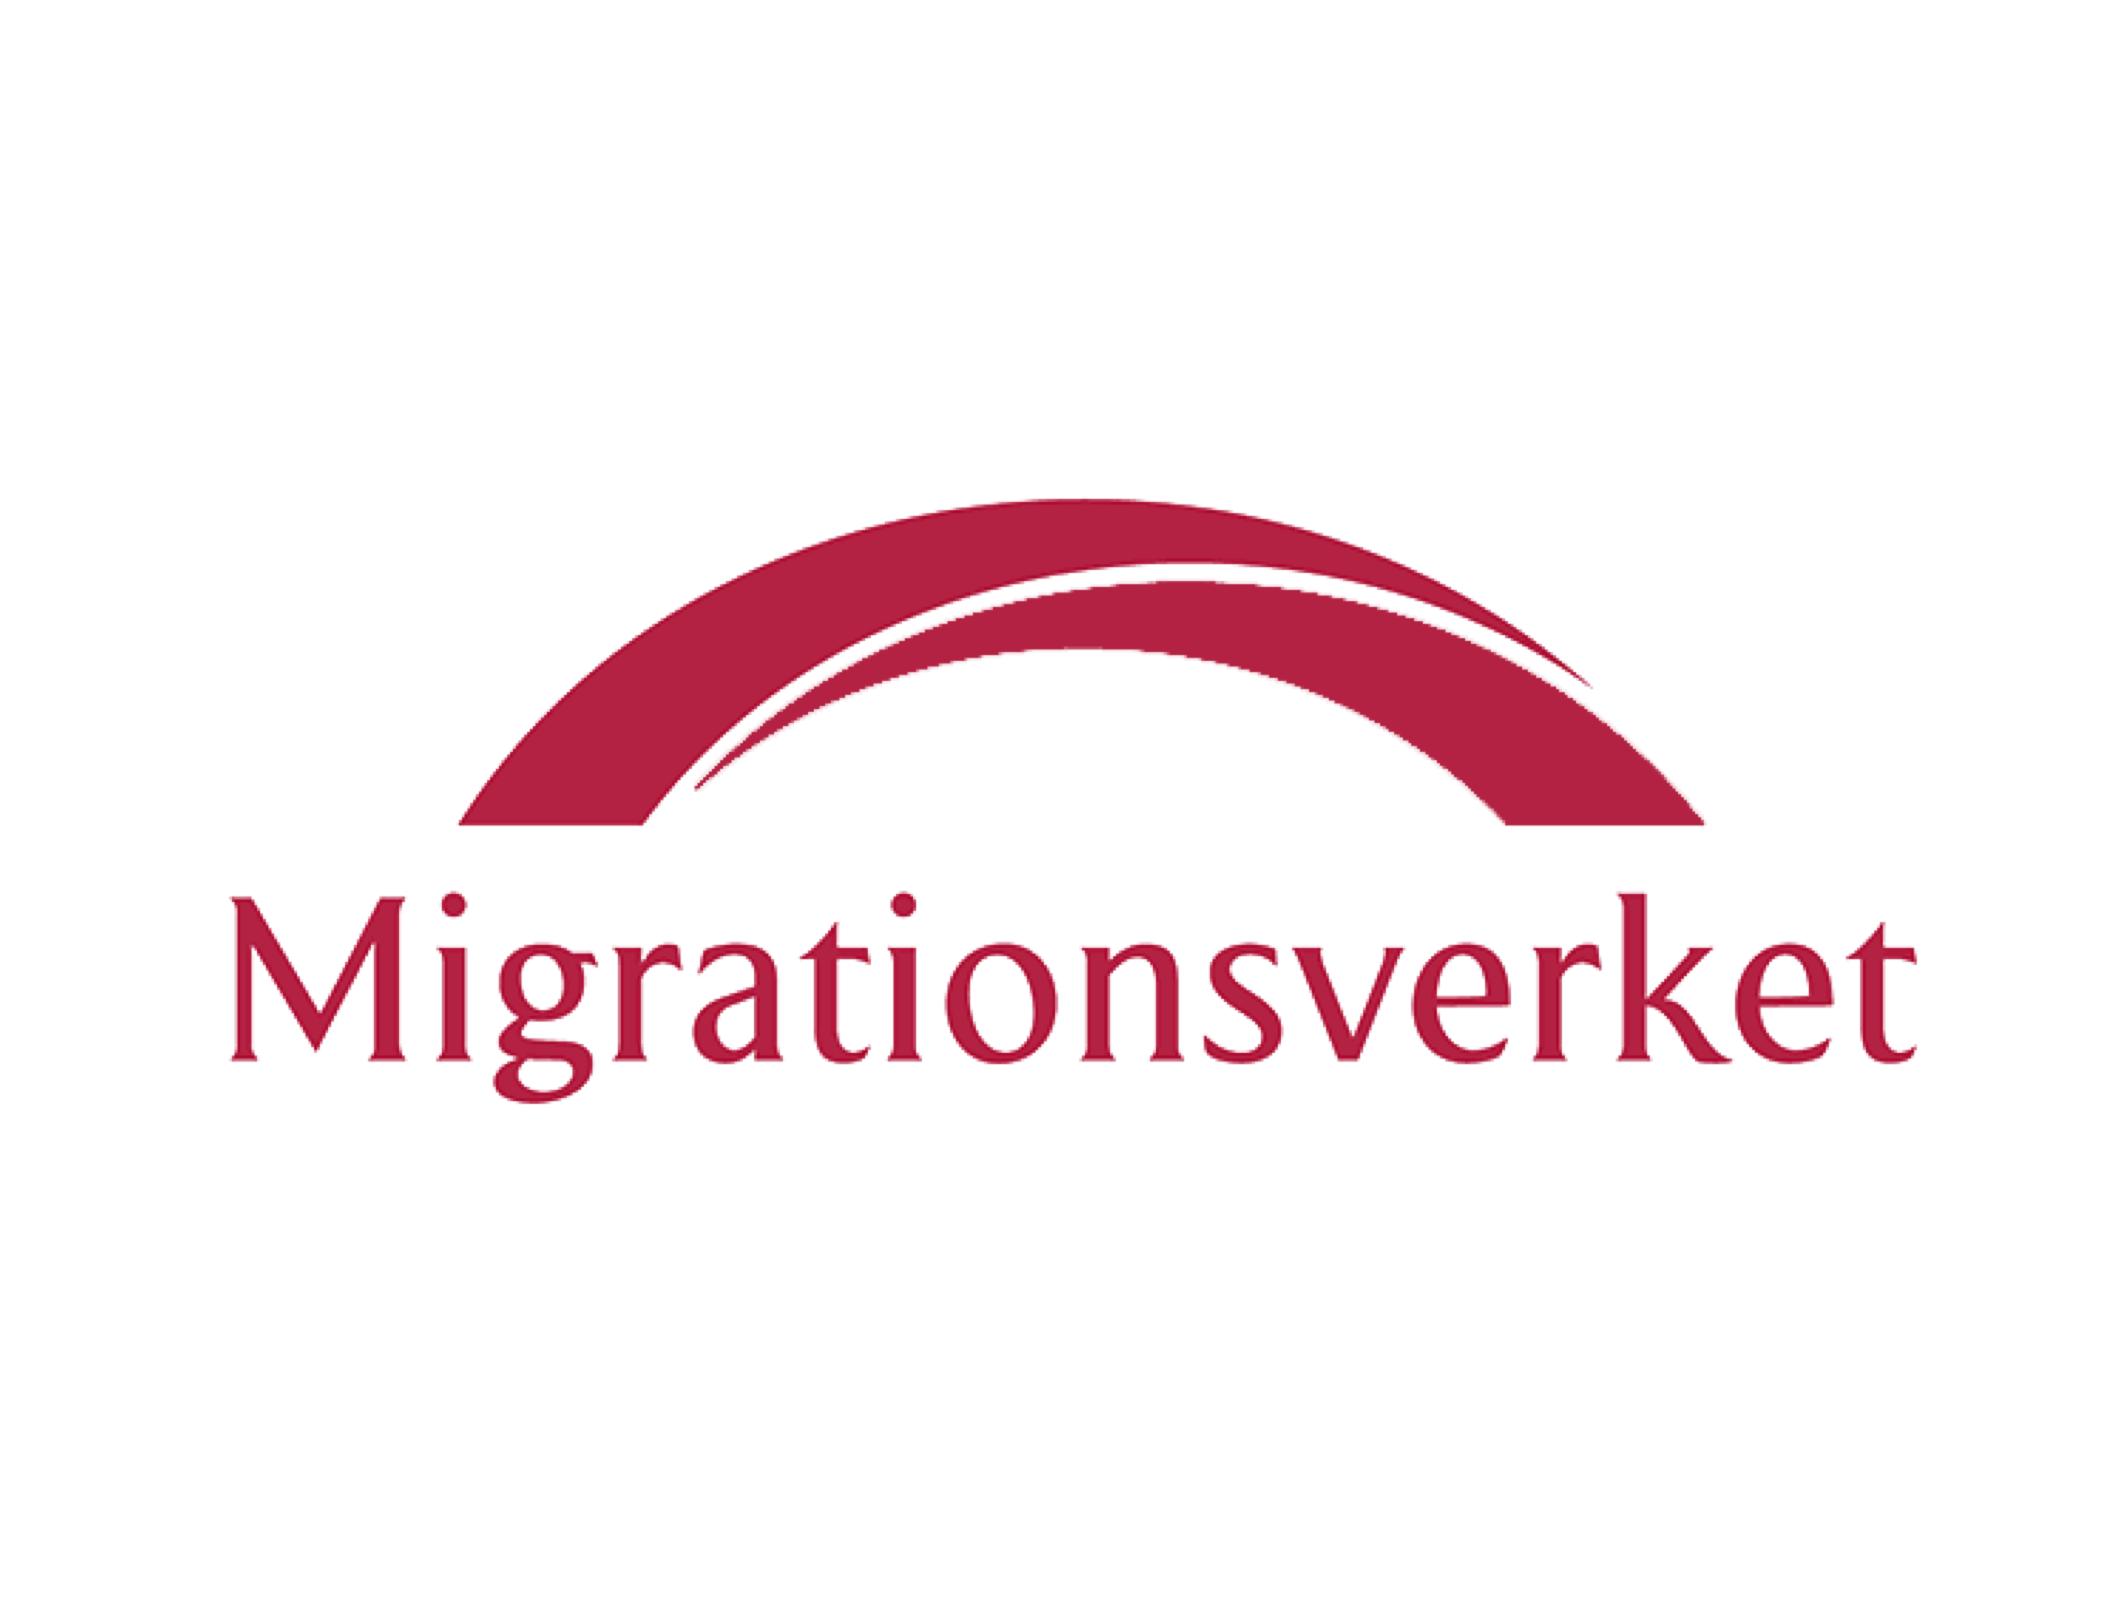 Namninsamling: Jo, Migrationsverket dömer konvertiter till utvisning